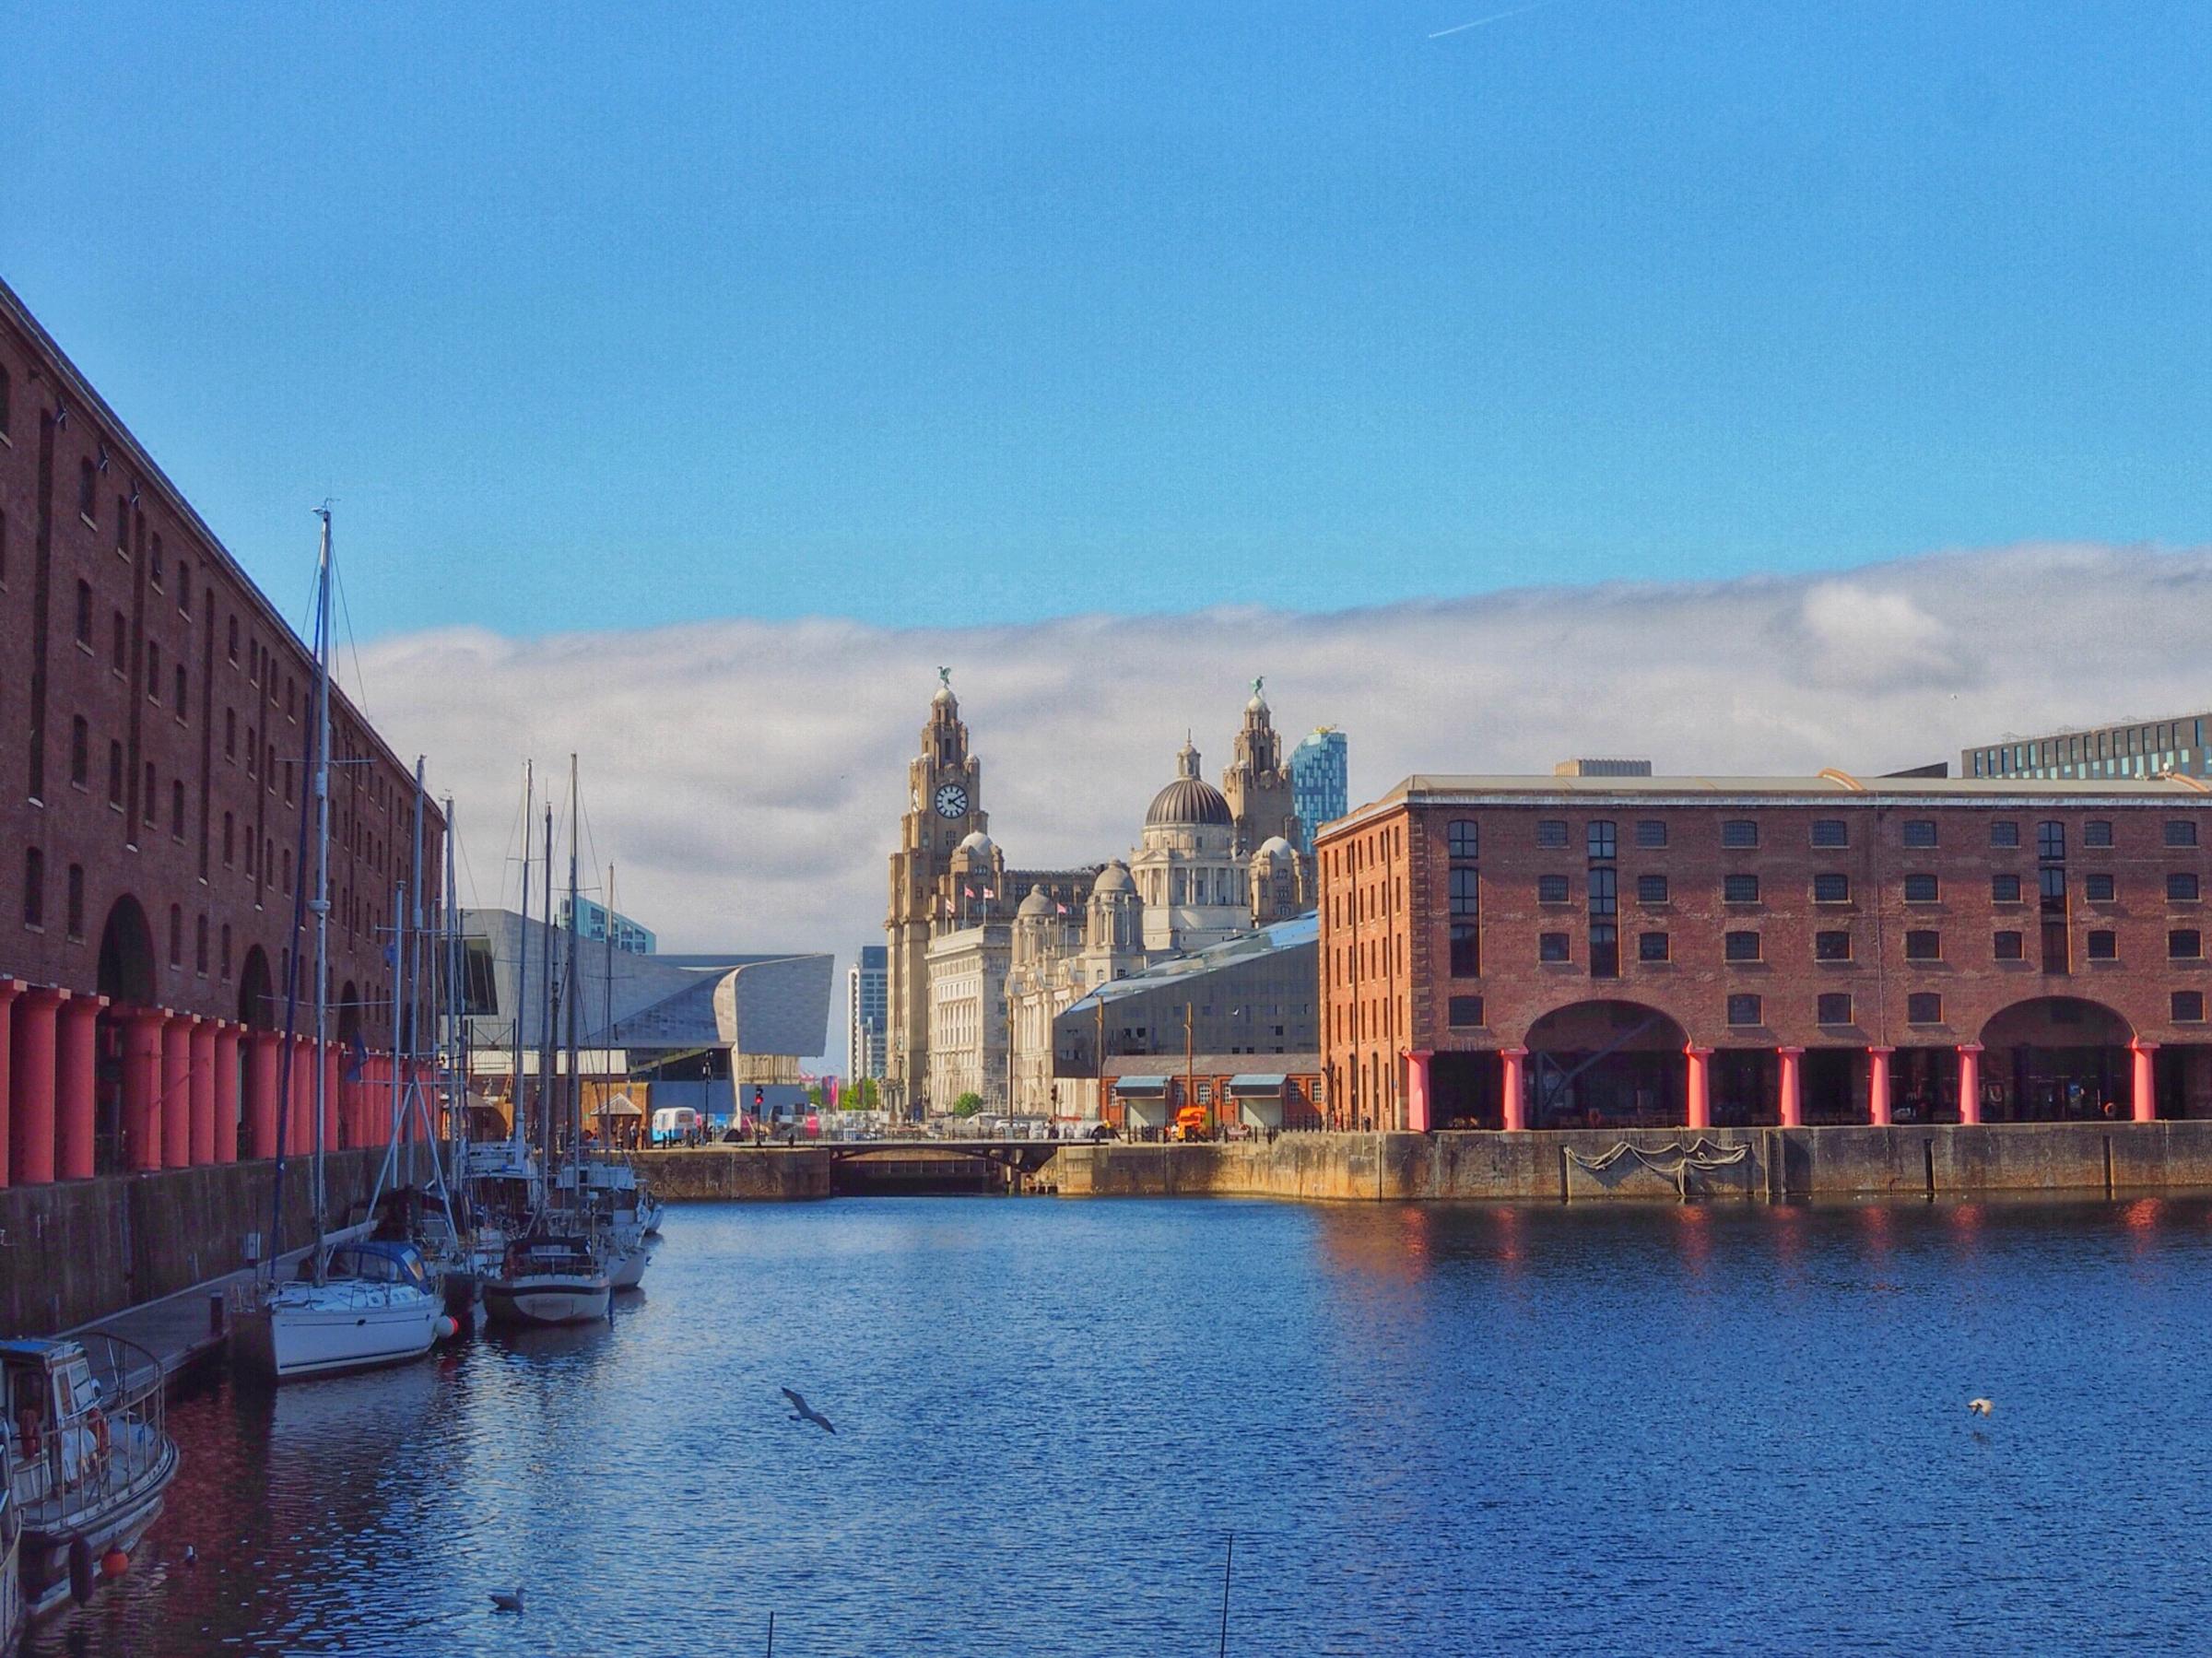 La puerta hacia el Nuevo Mundo está en Liverpool - Inglaterra Circuito Inglaterra, Gales y Londres